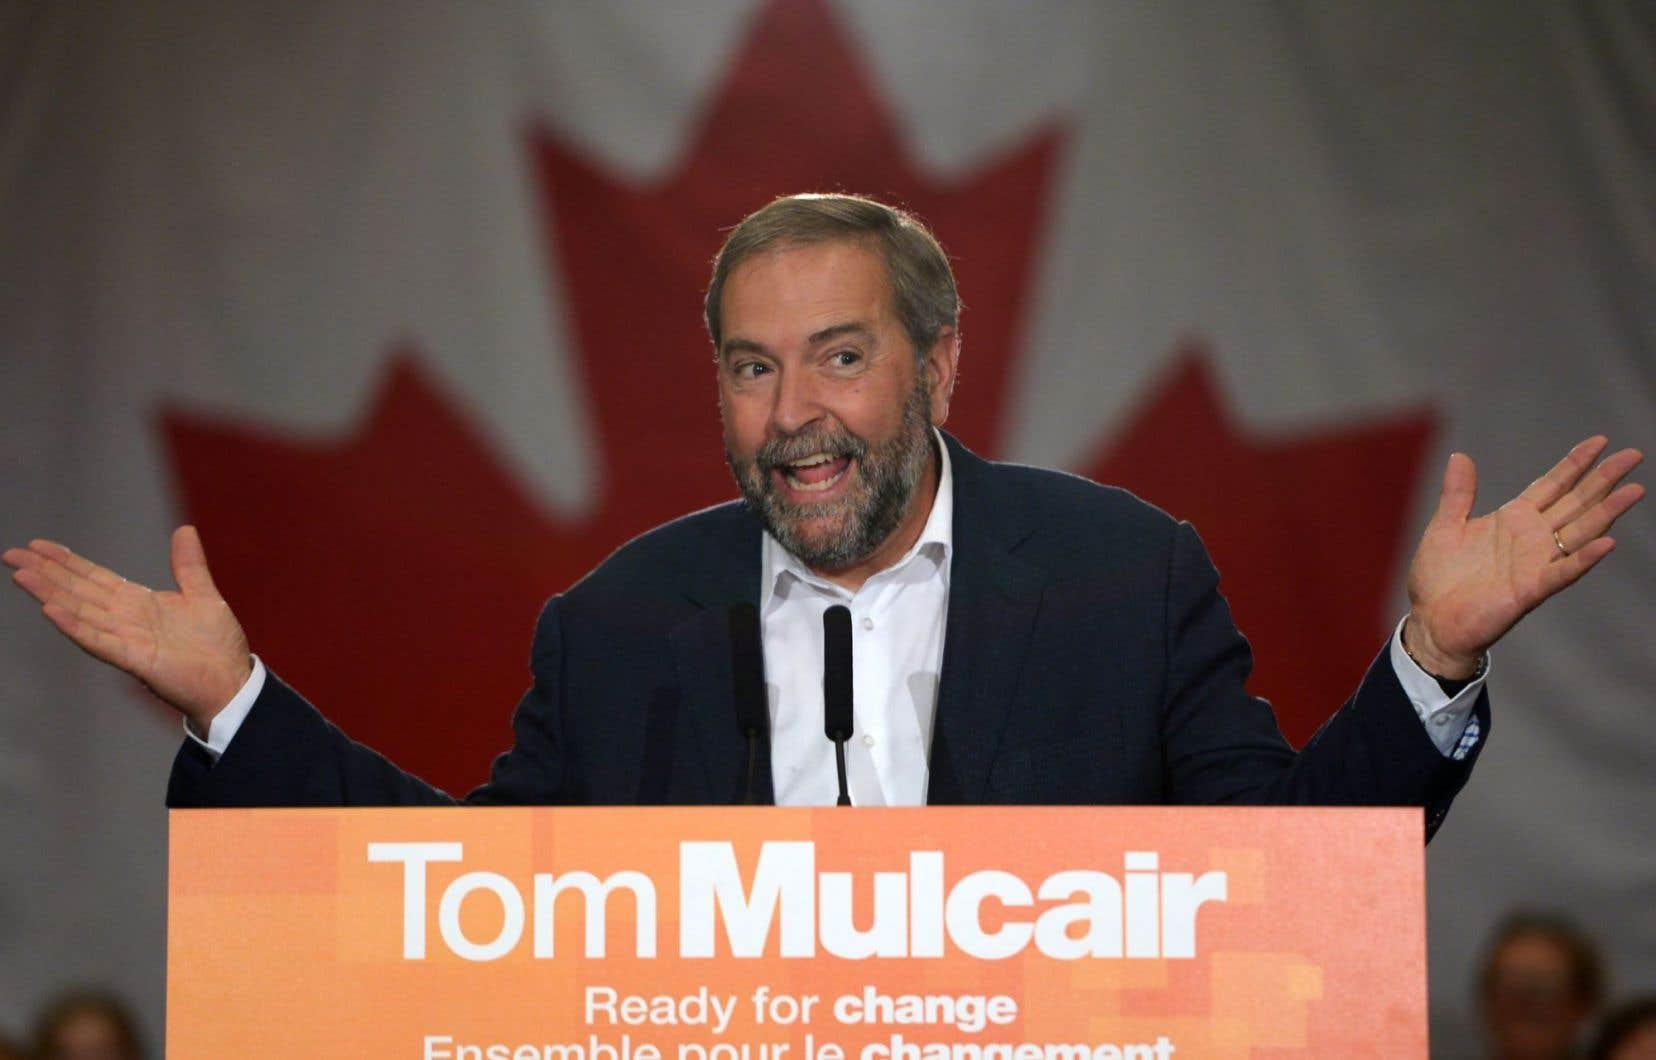 Au cours des dernières semaines, Thomas Mulcair a imposé un changement de cap à son parti sur l'échiquier politique.